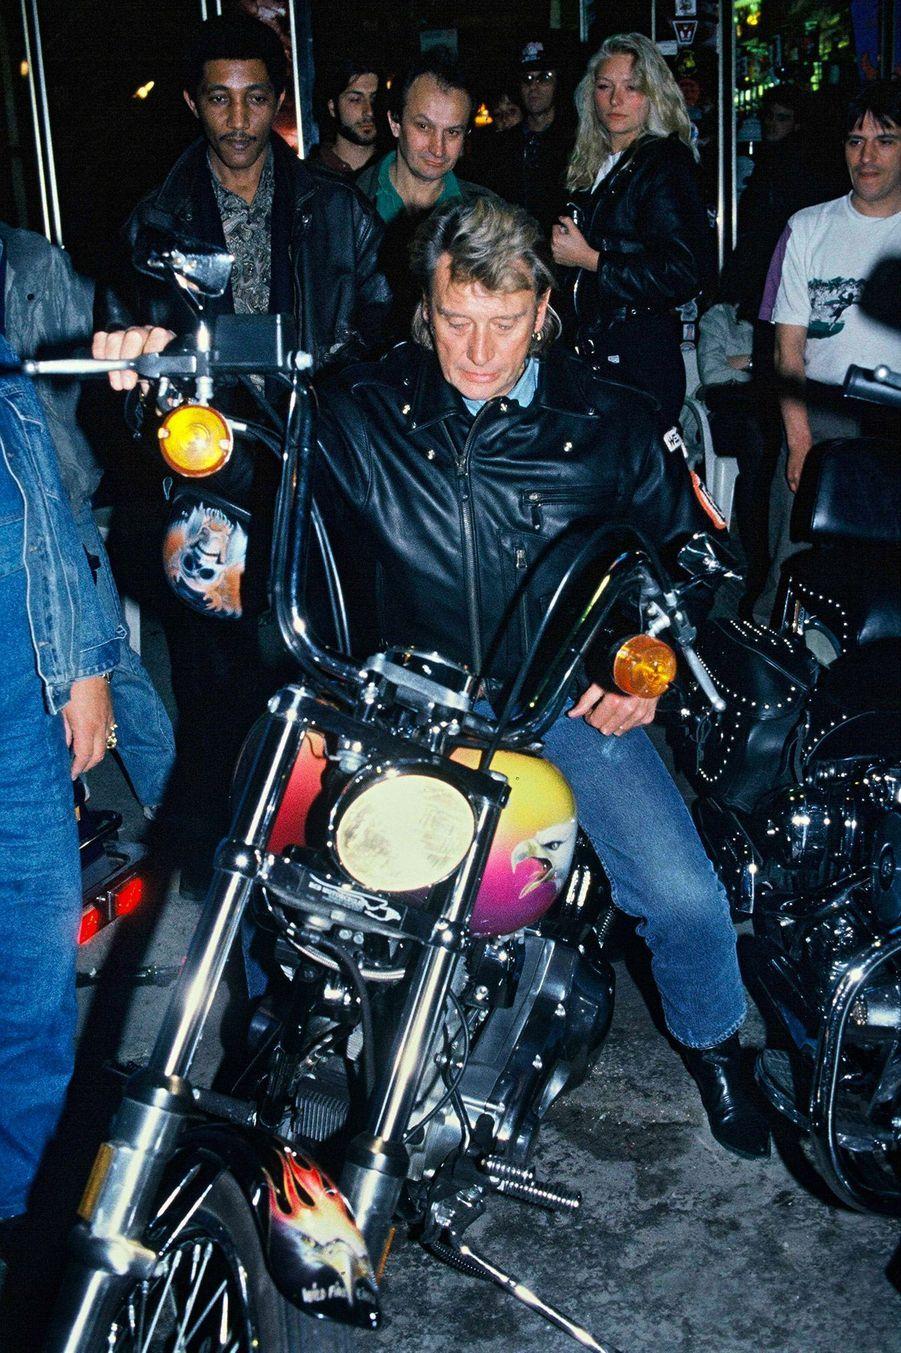 Johnny Hallyday lors d'une soiree Harley Davidson a Paris, le 18 juin 1991.